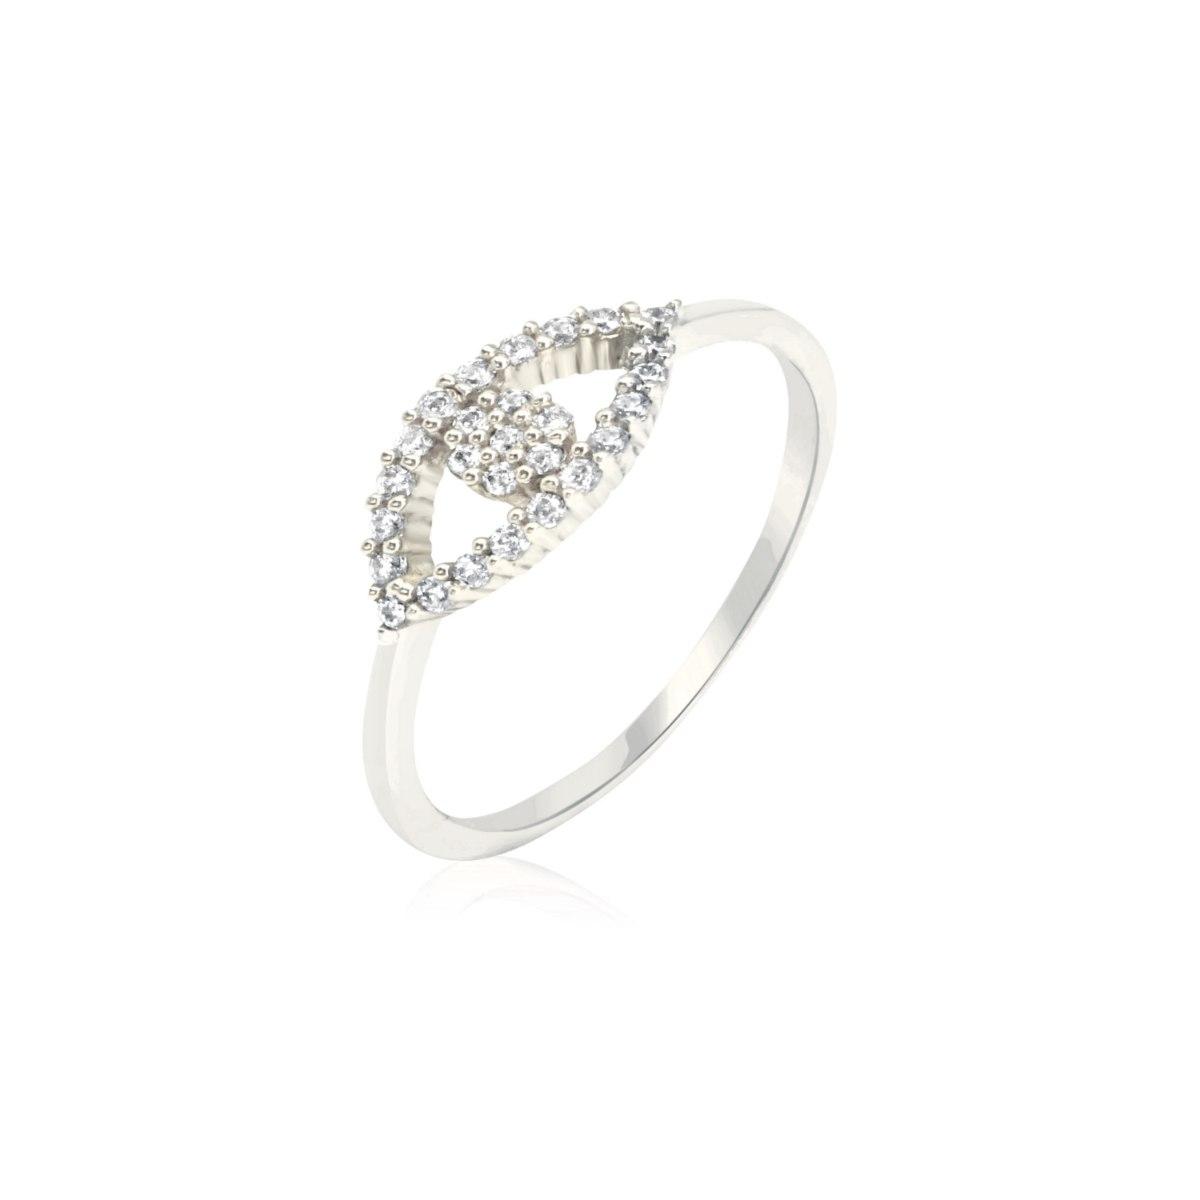 טבעת זהב לבן עין הרע עם זרקונים